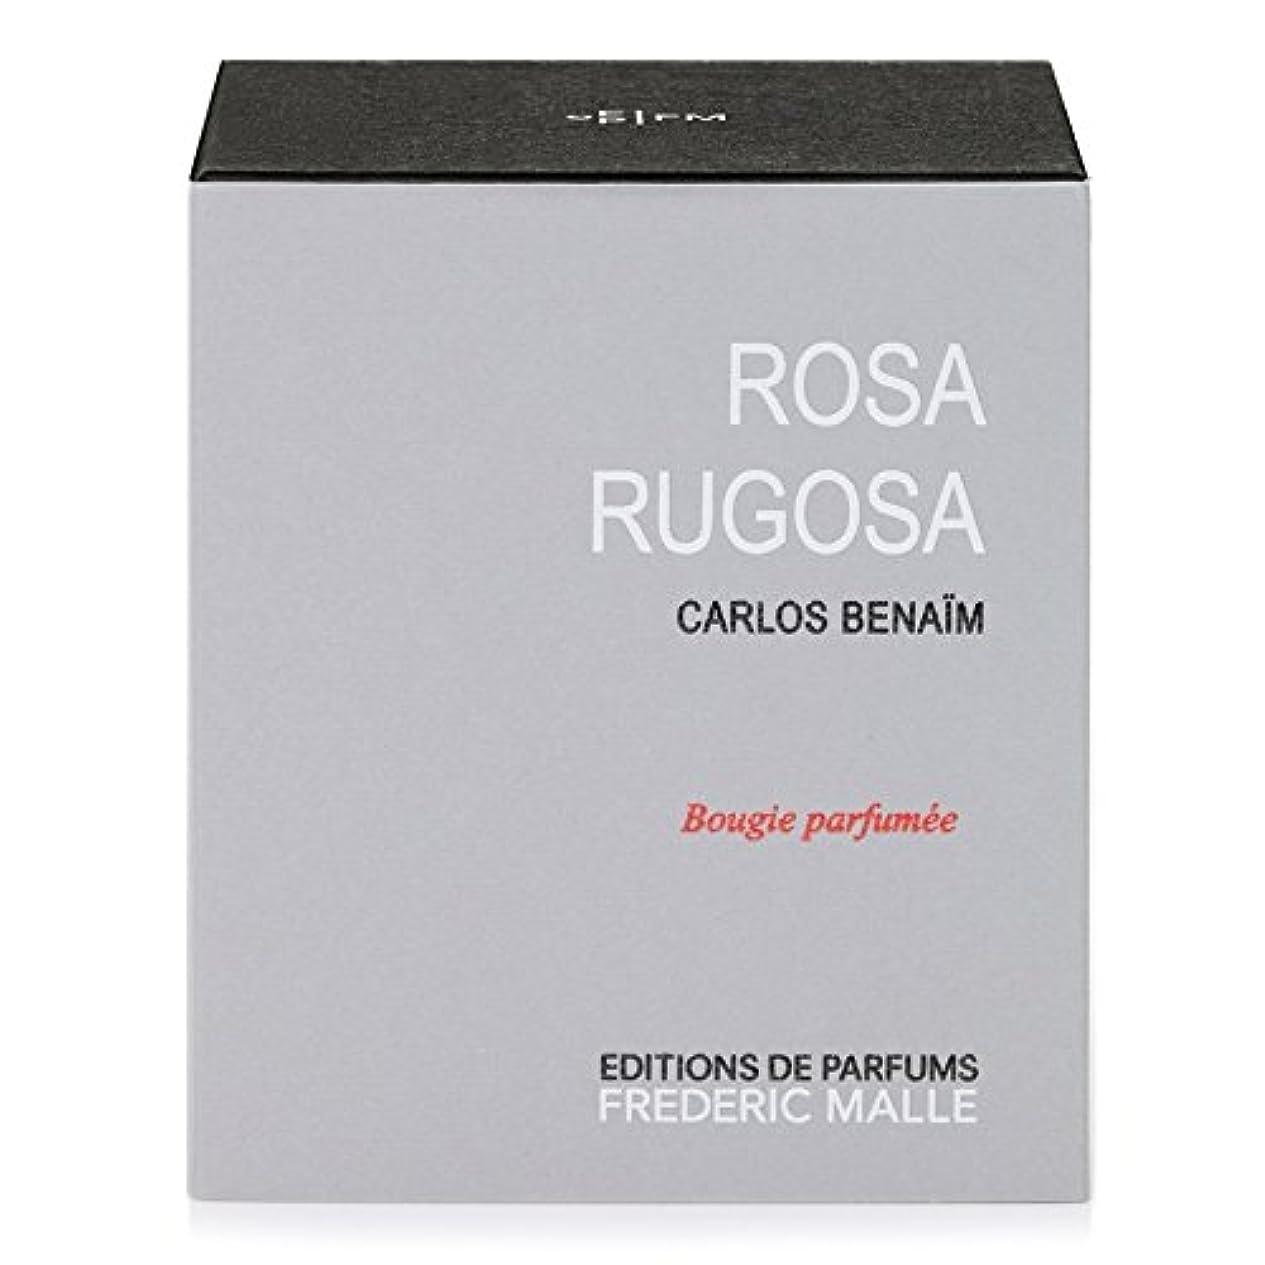 行ポーン見てFrederic Malle Rosa Rugosa Scented Candle - フレデリック?マルハマナスの香りのキャンドル [並行輸入品]